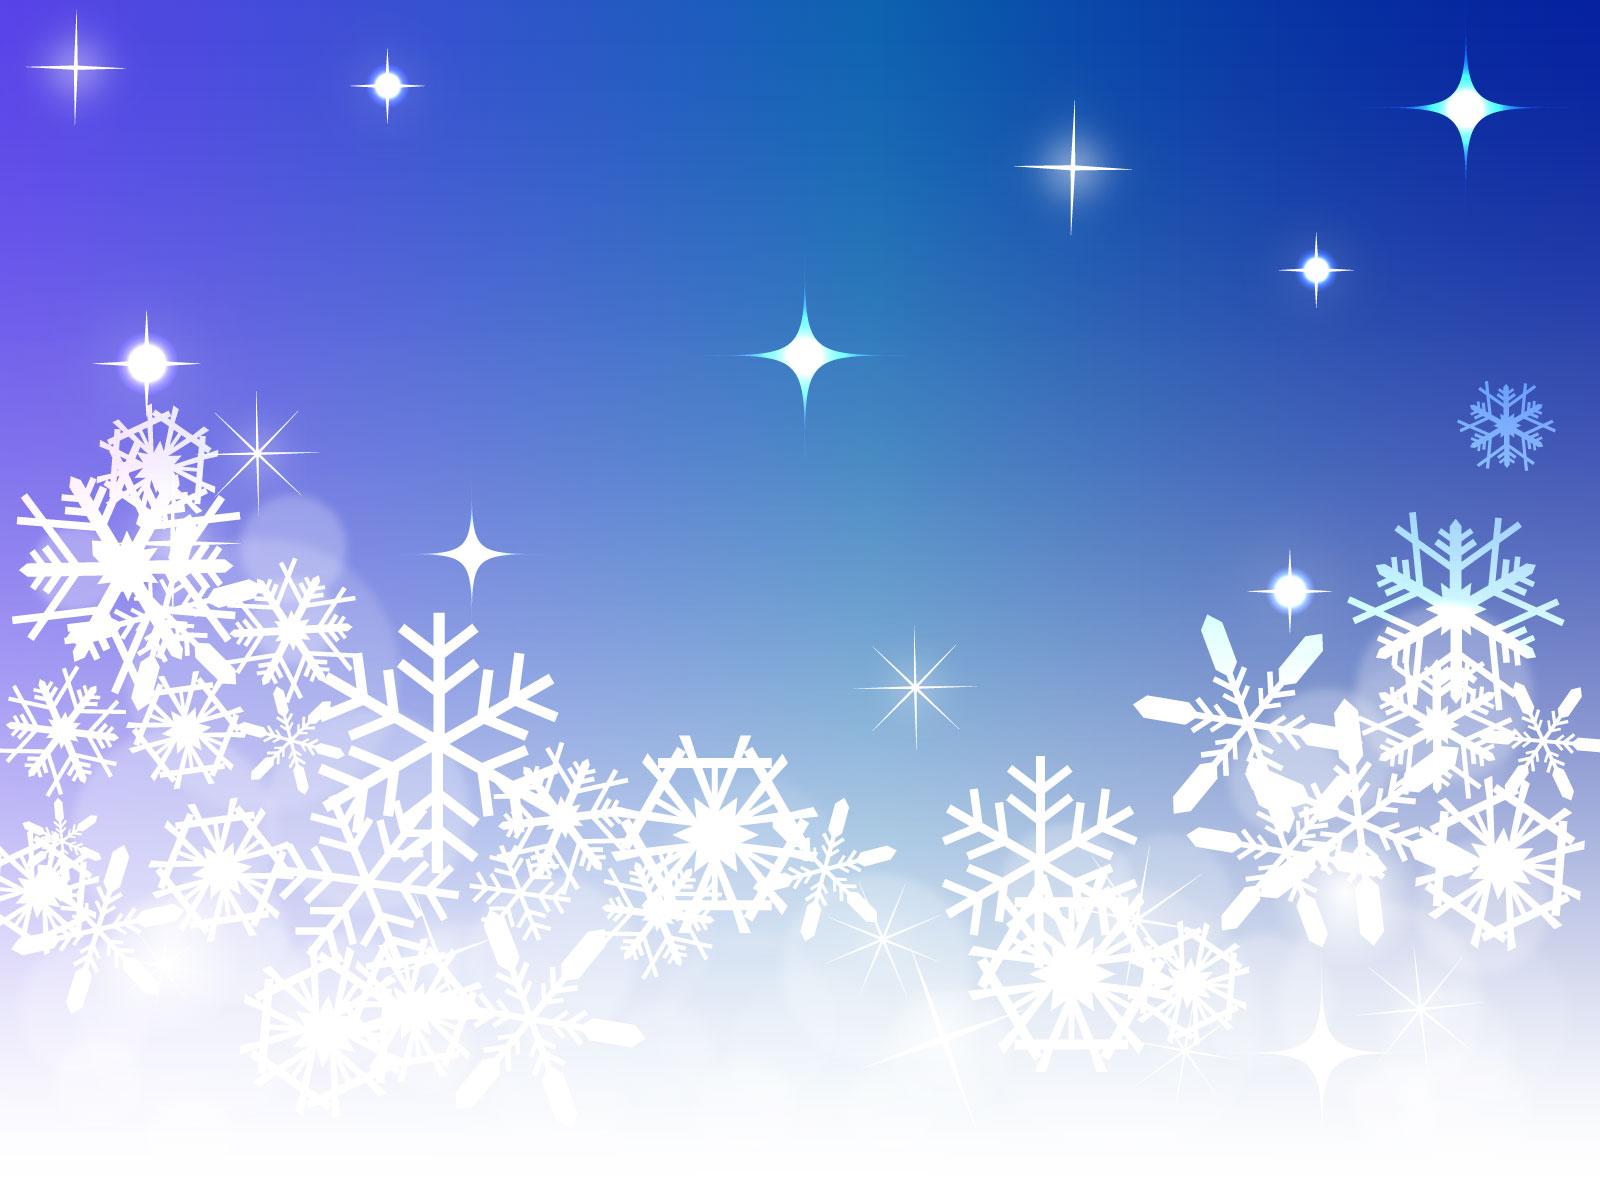 雪の結晶のイラスト・背景やフレームもあり | 画像屋さん